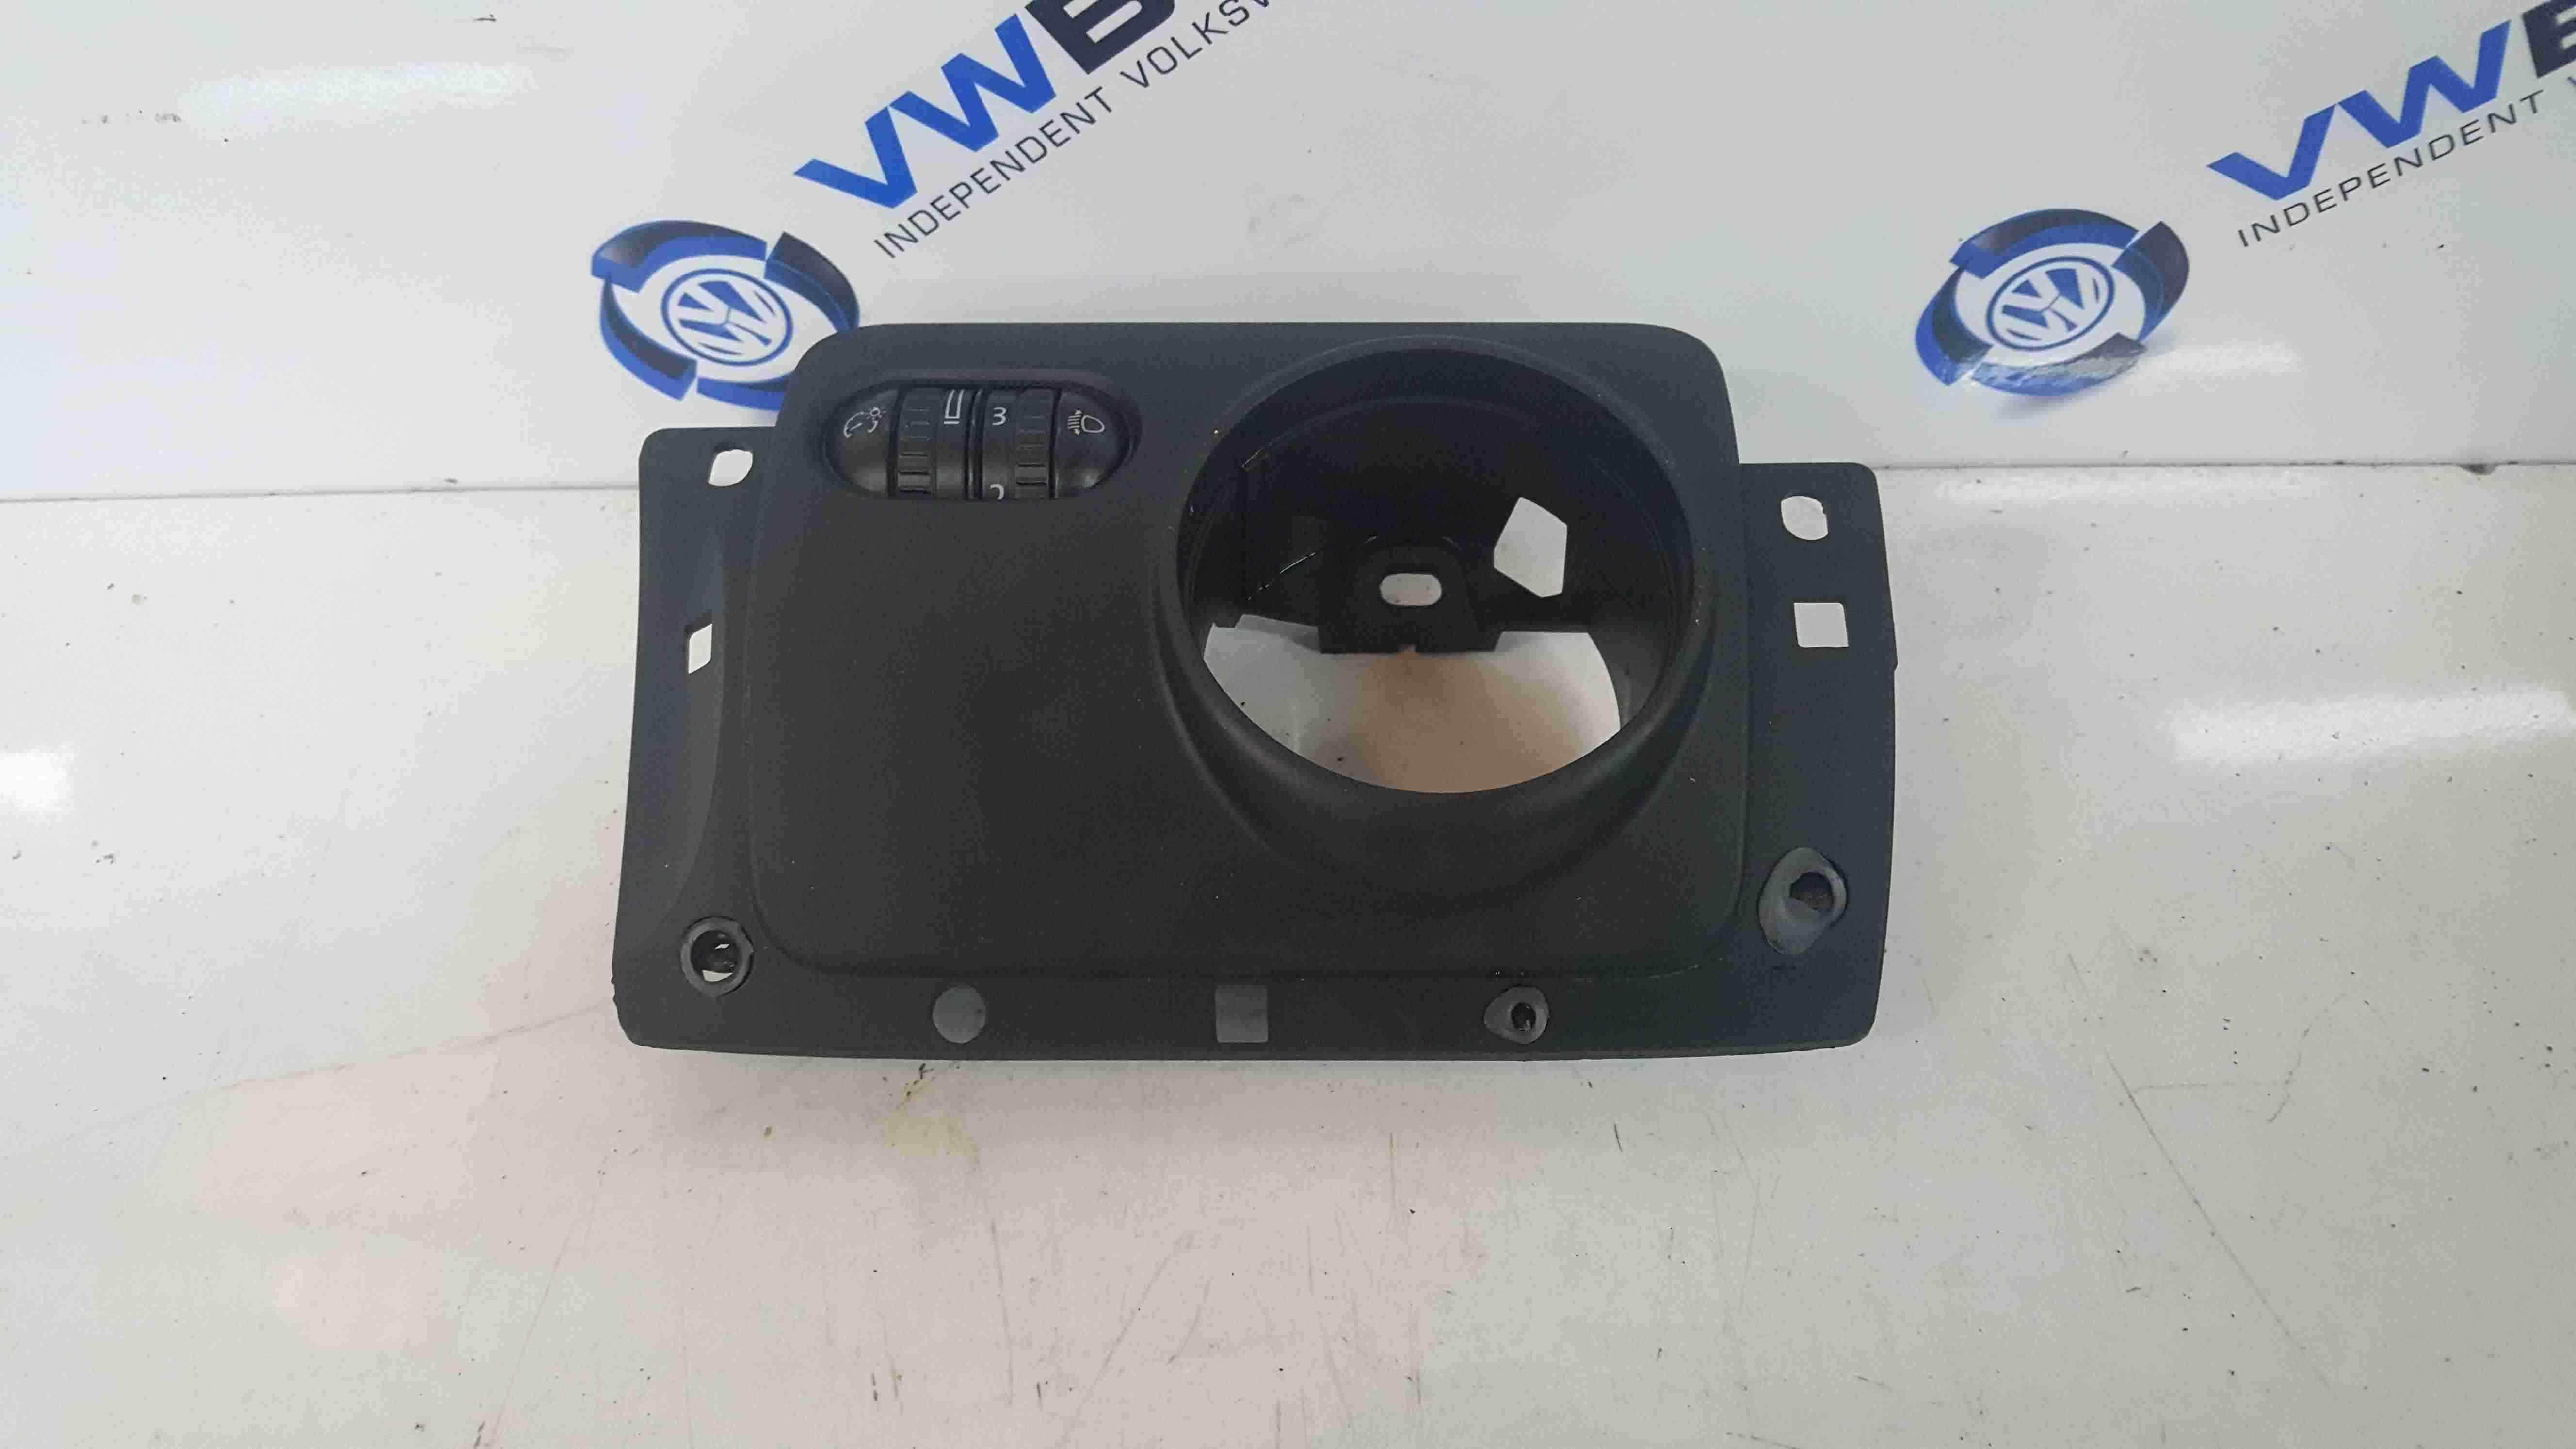 Volkswagen Golf MK6 2009-2012 Headlight Dimmer Dashboard Trim Panel 1K2858341